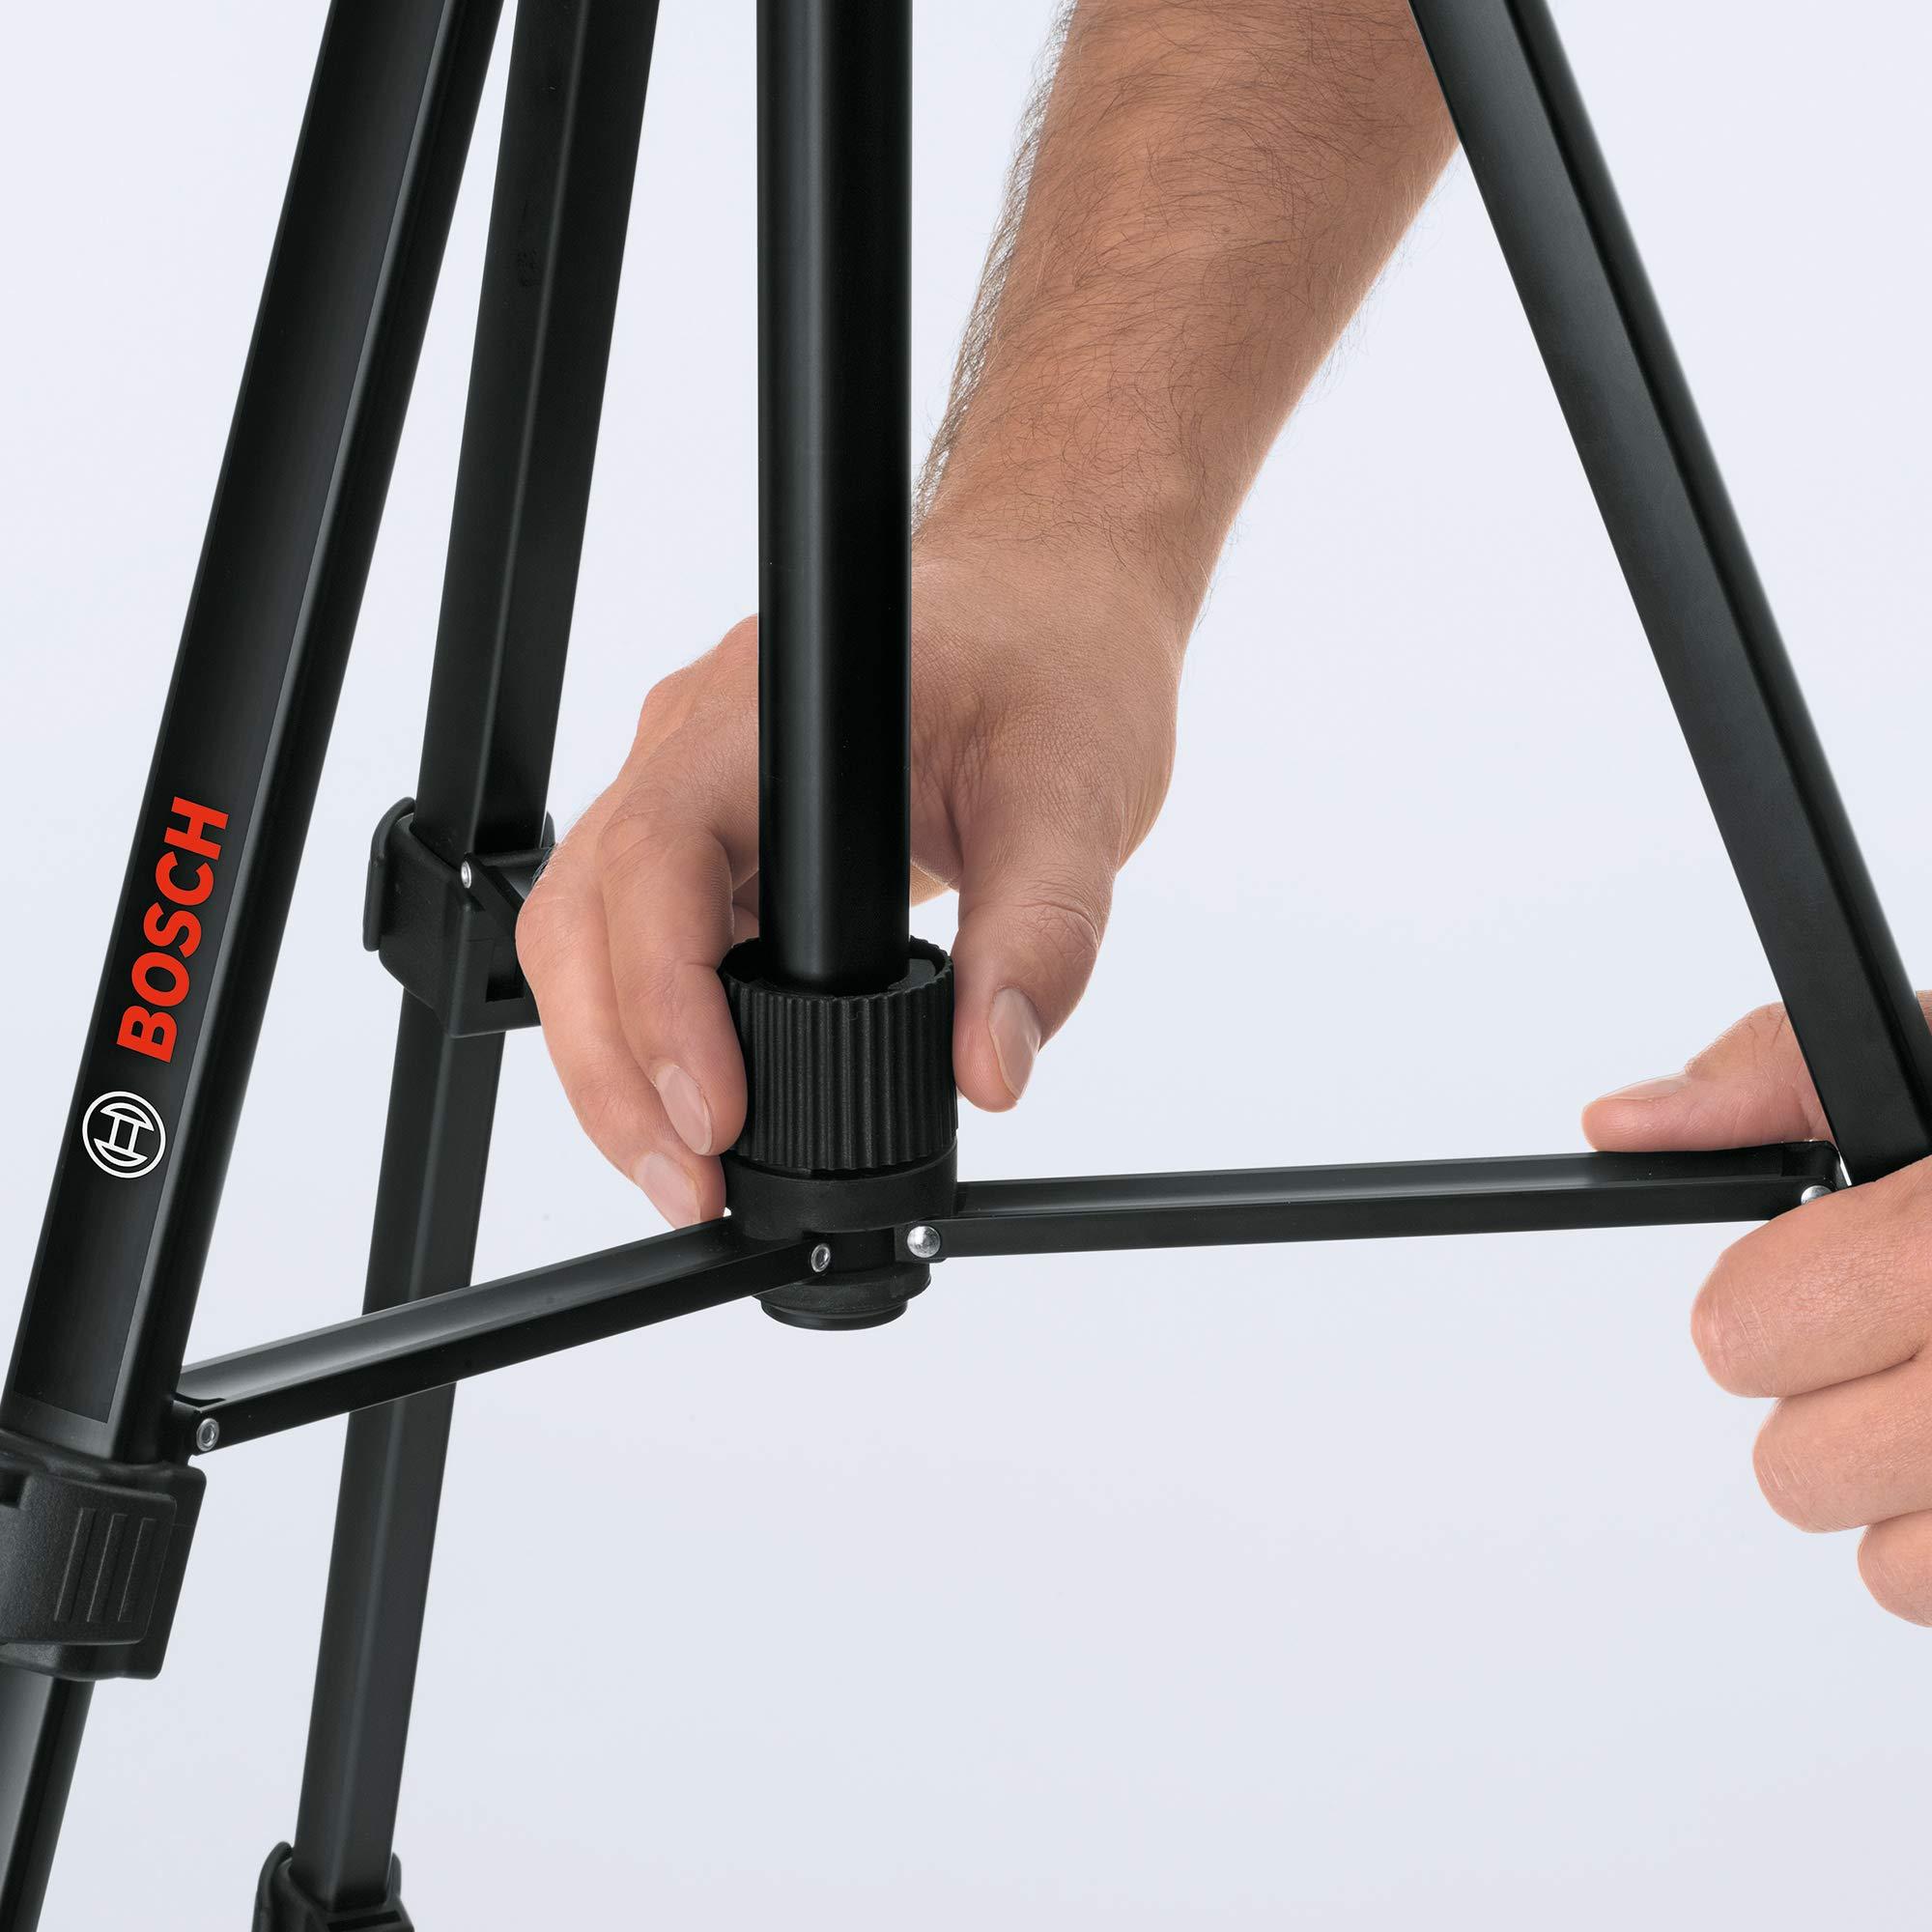 Tr/ípode 150 cm Negro Bosch Professional 0601096B00 T/écnica de Medici/ón